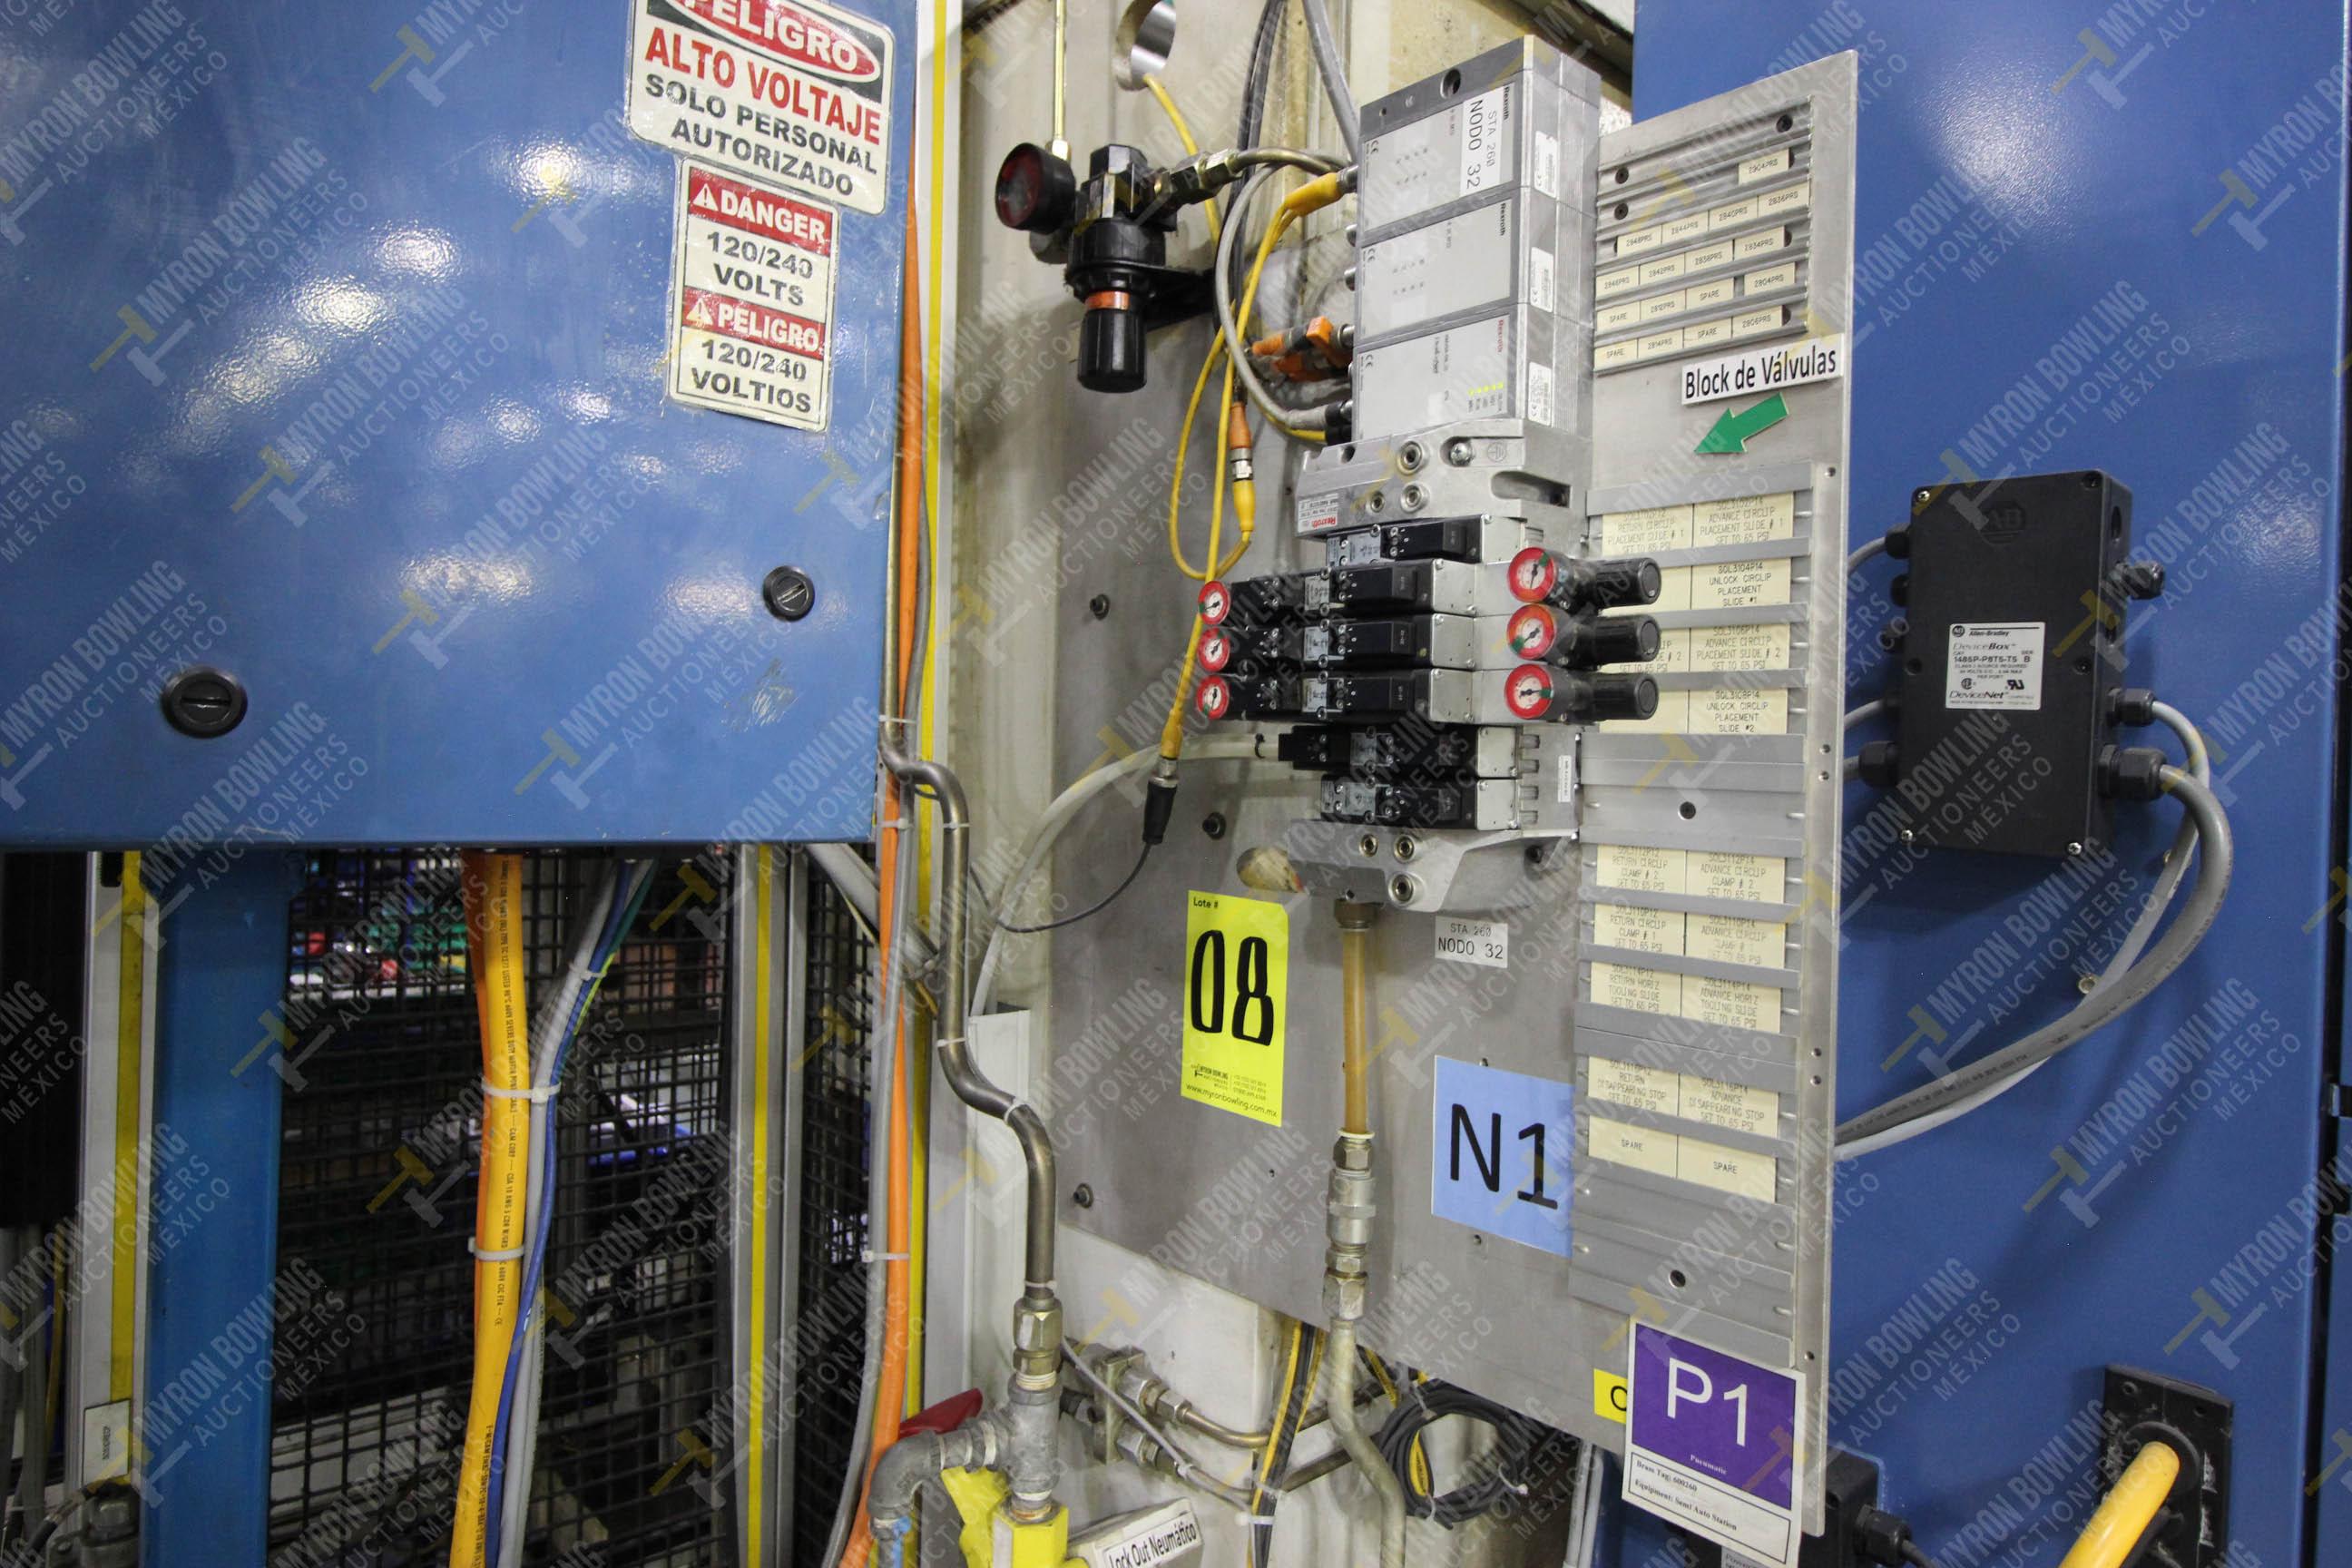 Estación semiautomática para operación 260 de ensamble - Image 12 of 20